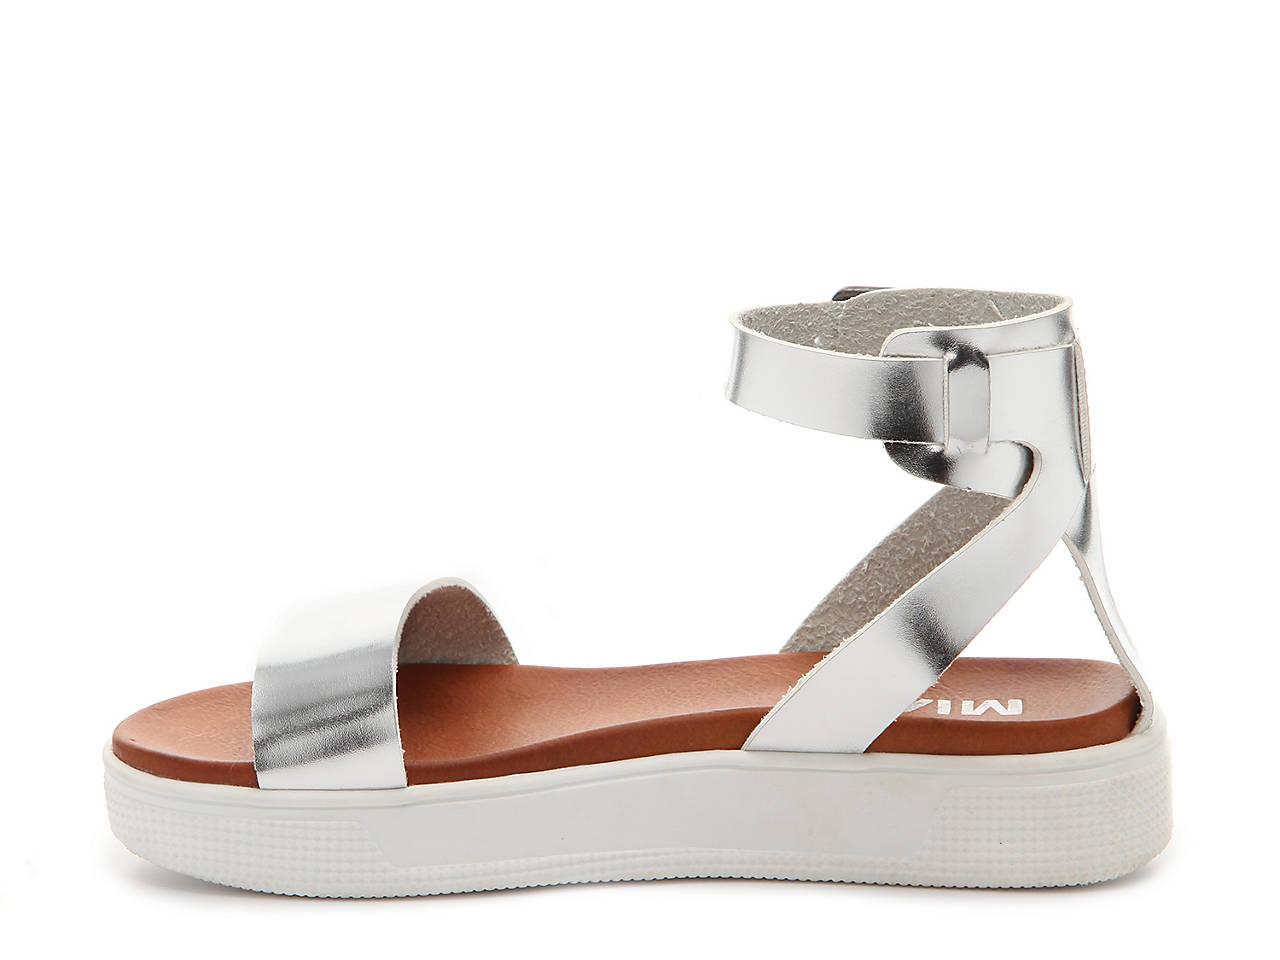 592d932a7cf Mia Ellen Platform Sandal Women s Shoes